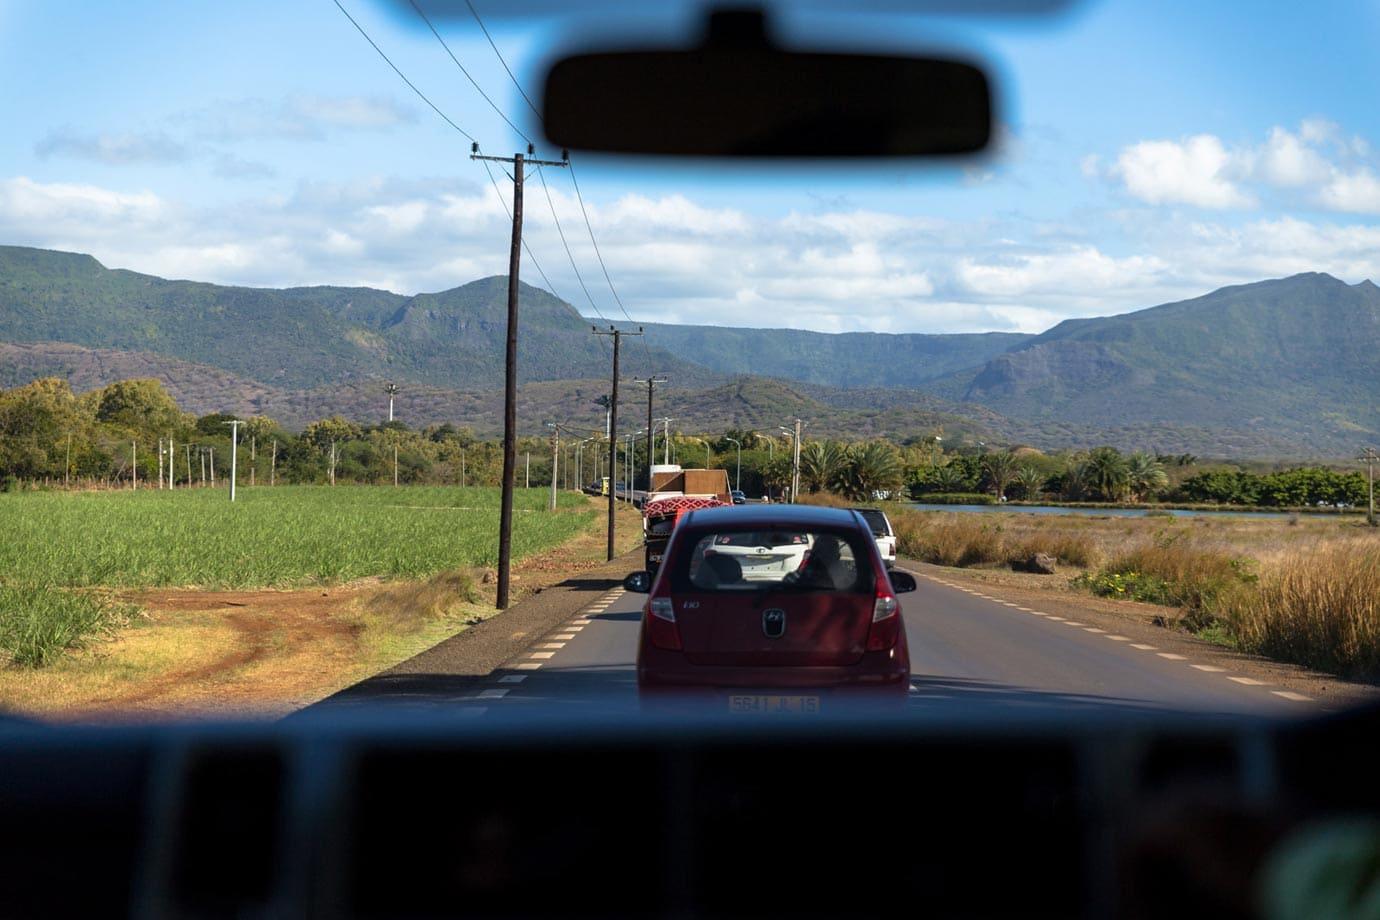 Driving around Mauritius